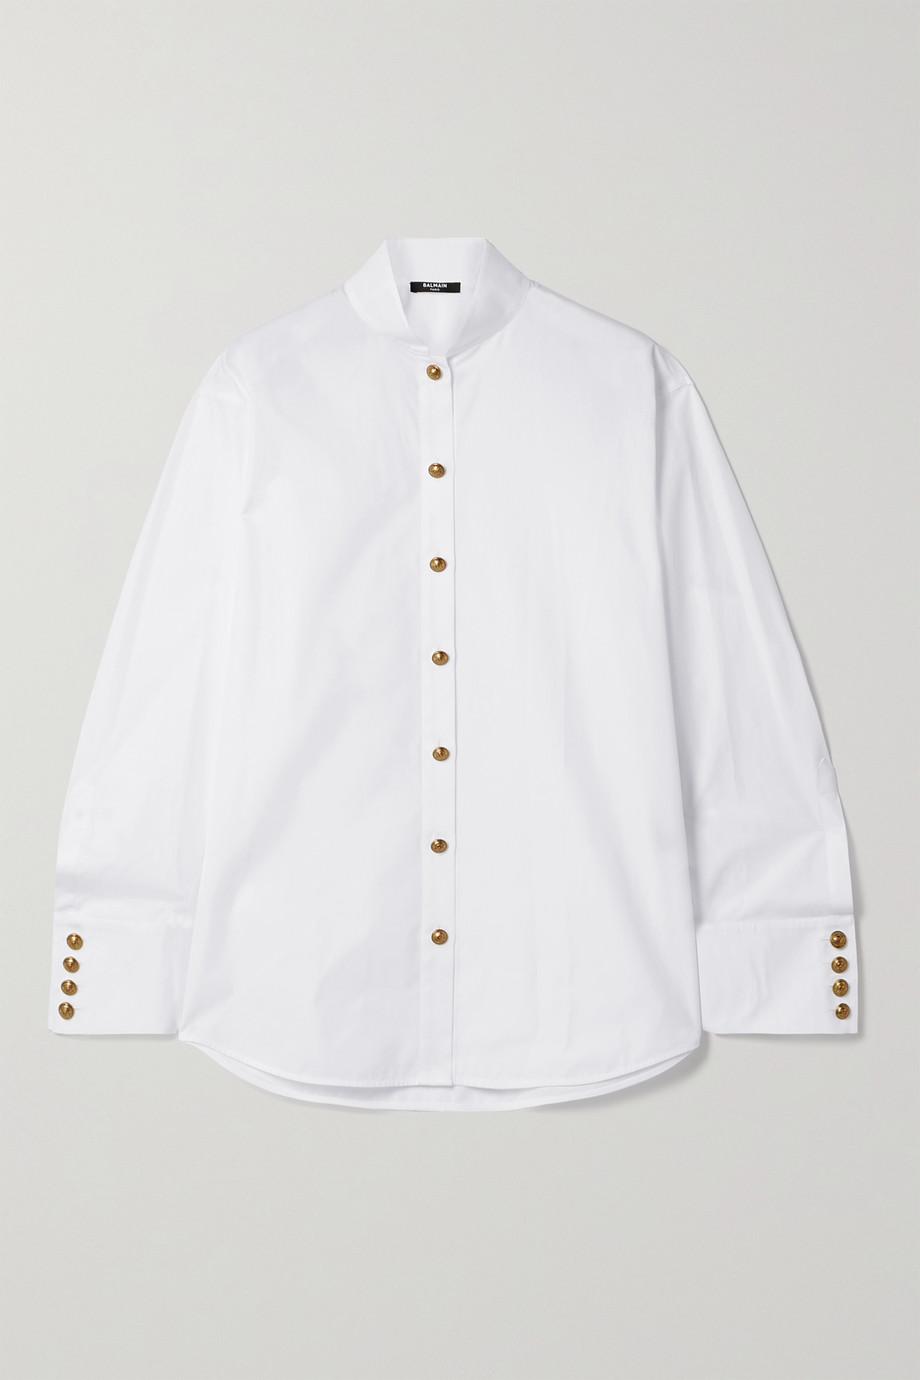 Balmain Cotton-poplin shirt